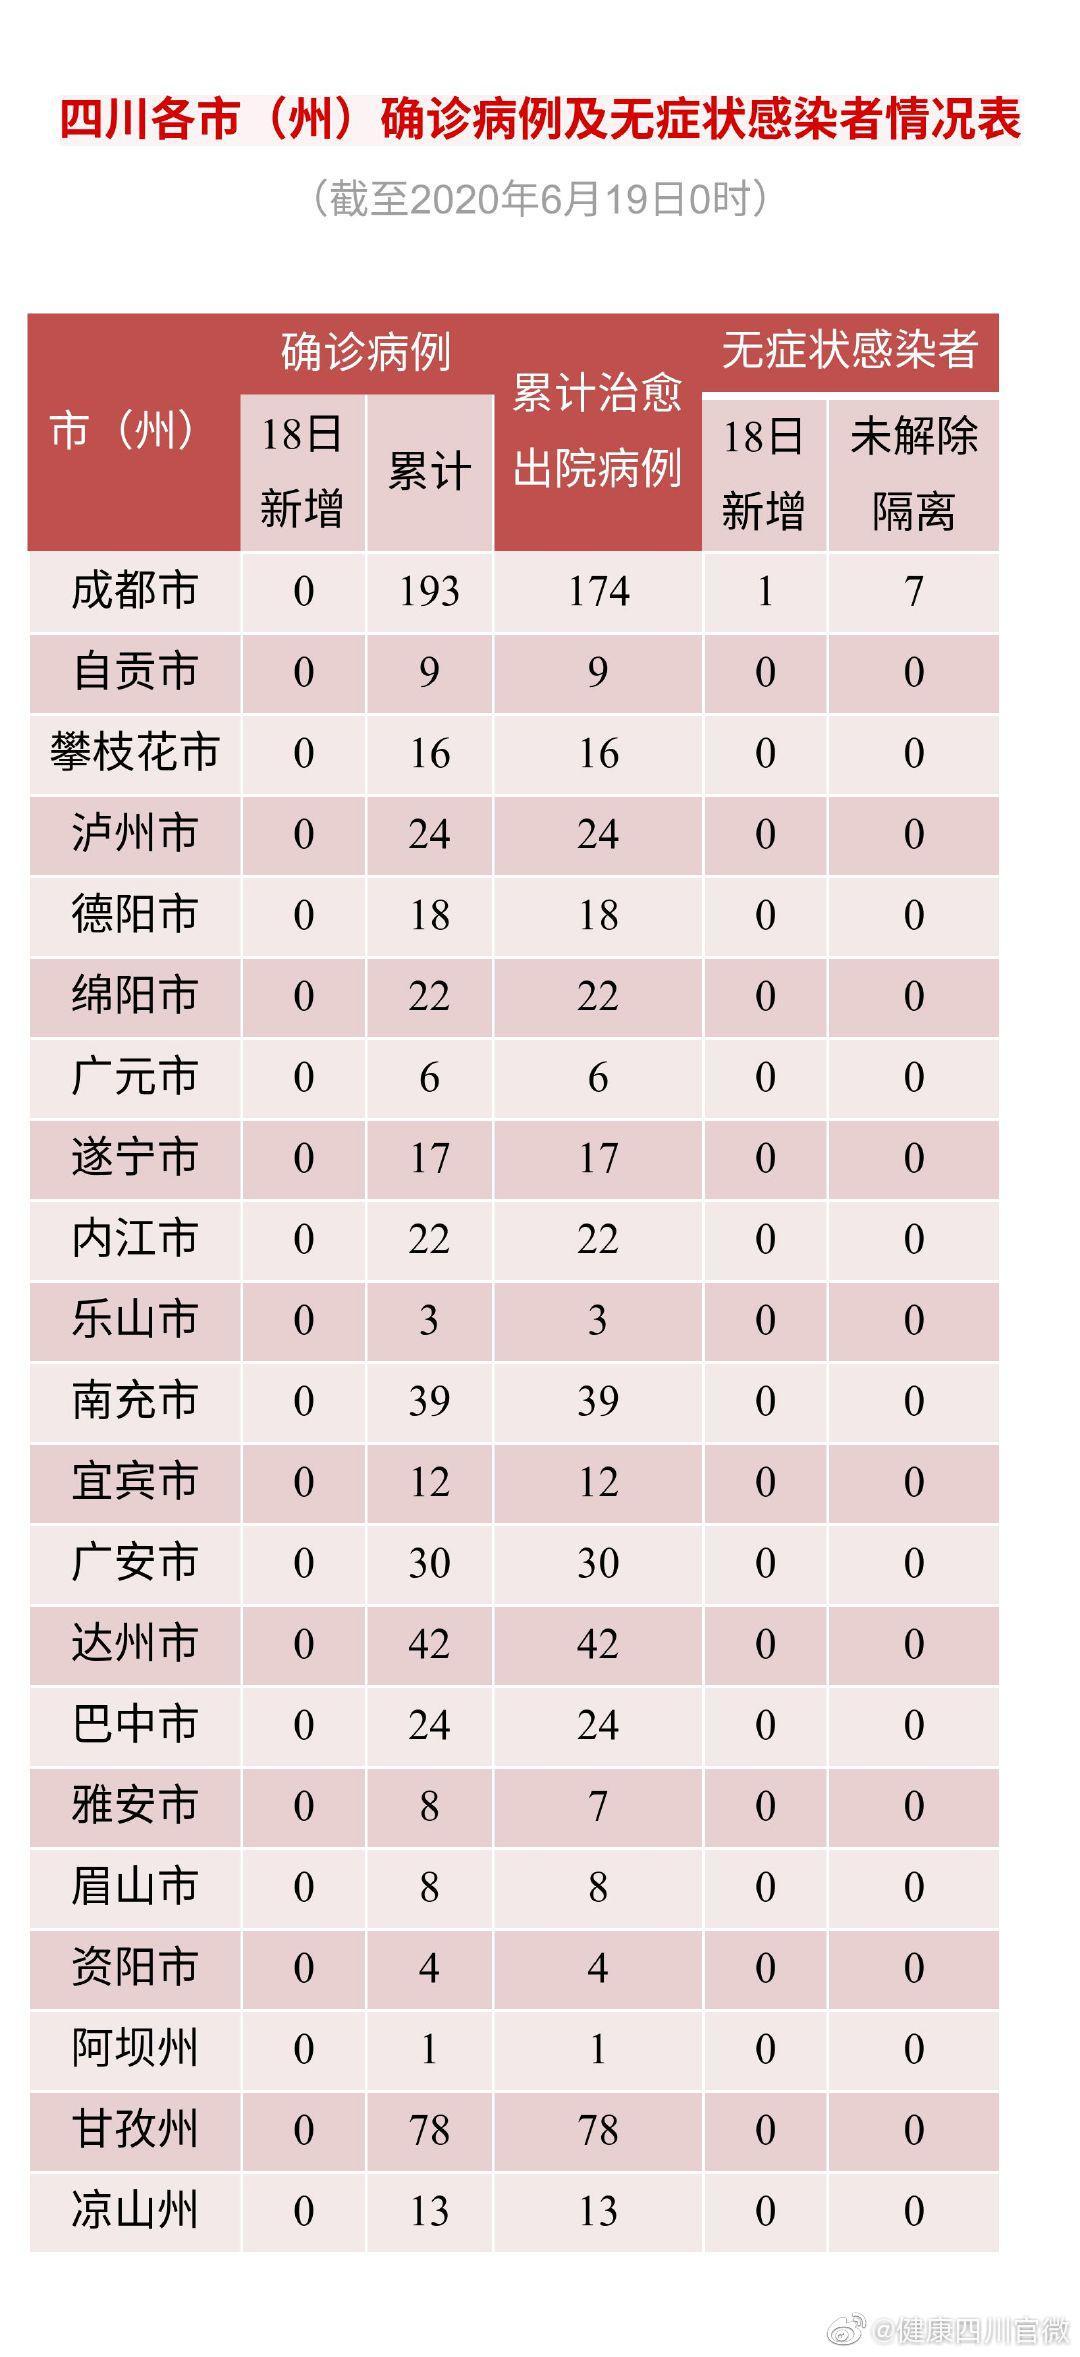 四川省新型冠状病毒肺炎疫情最新情况图片